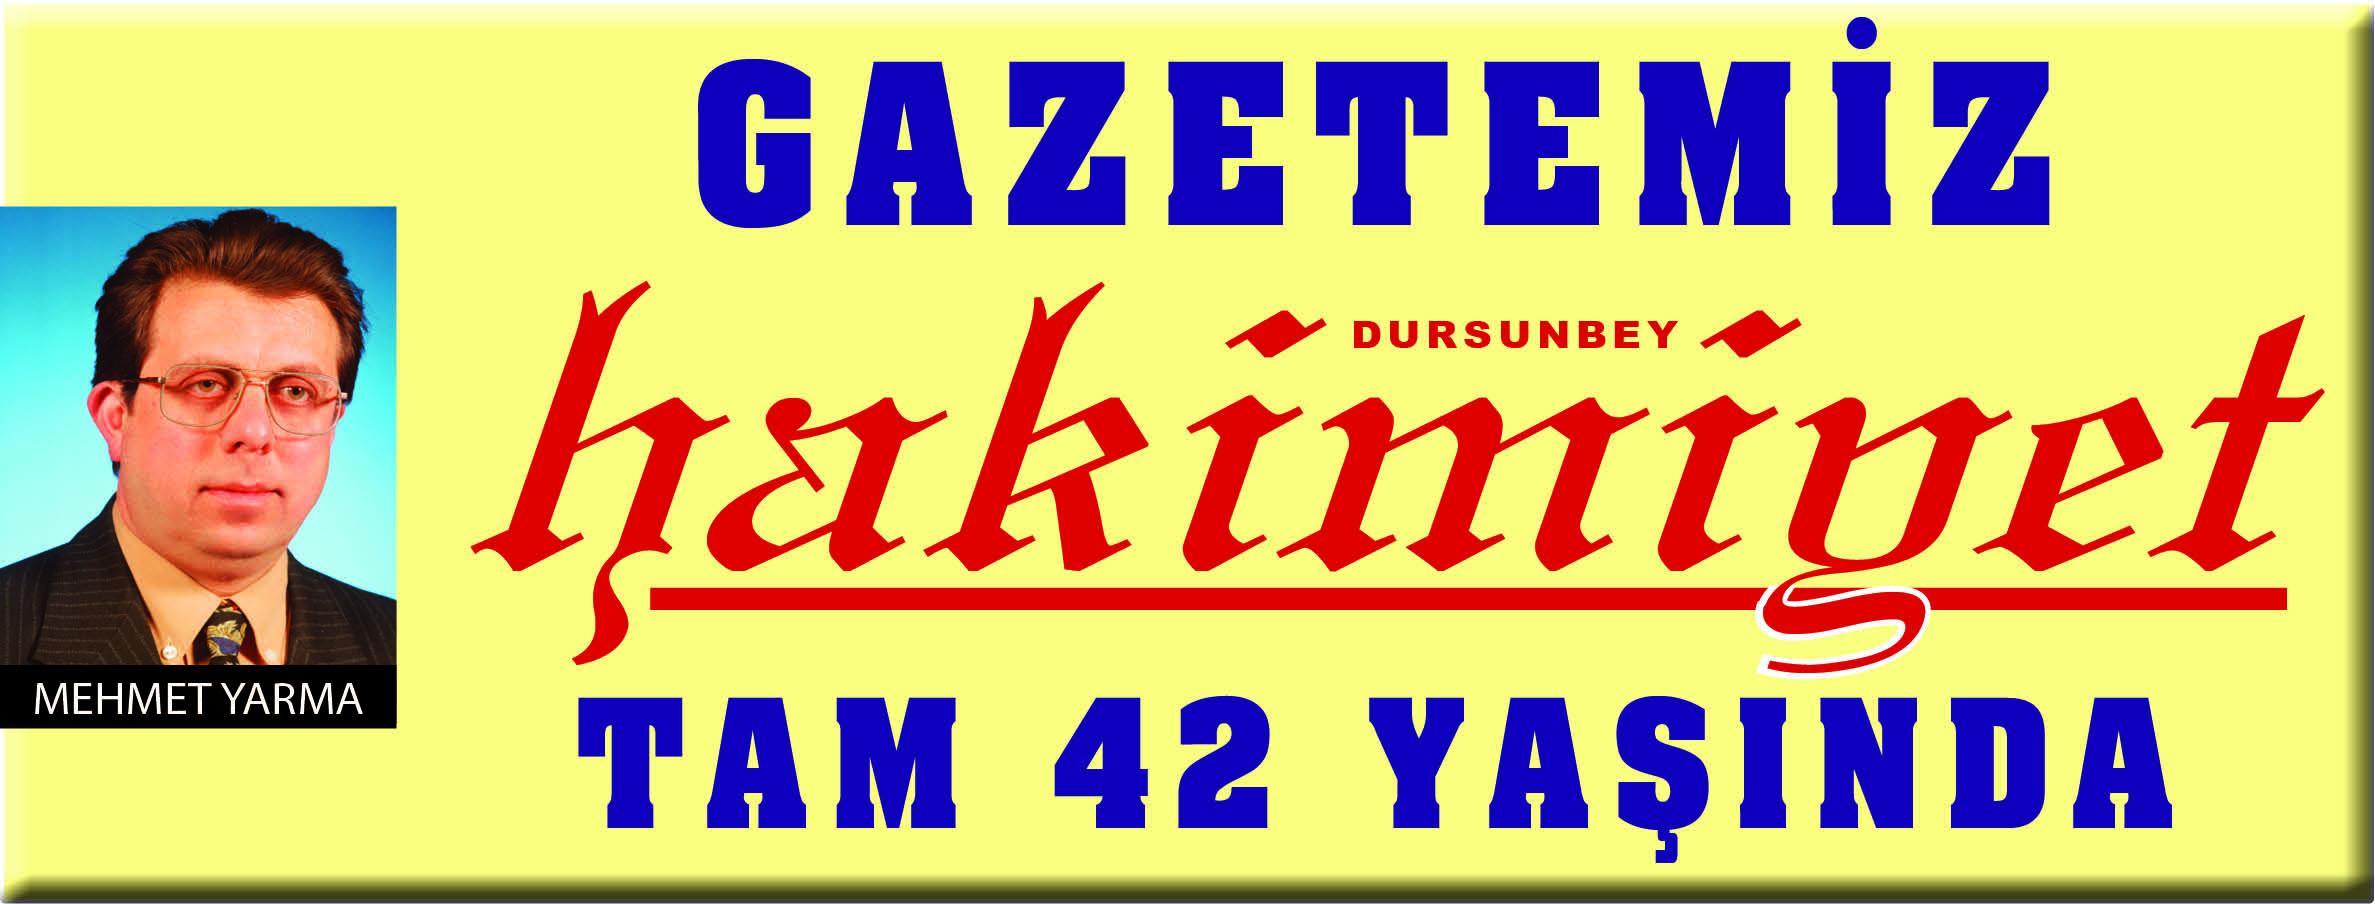 GAZETEMİZ DURSUNBEY HAKİMİYET, TAM 42 YAŞINDA.